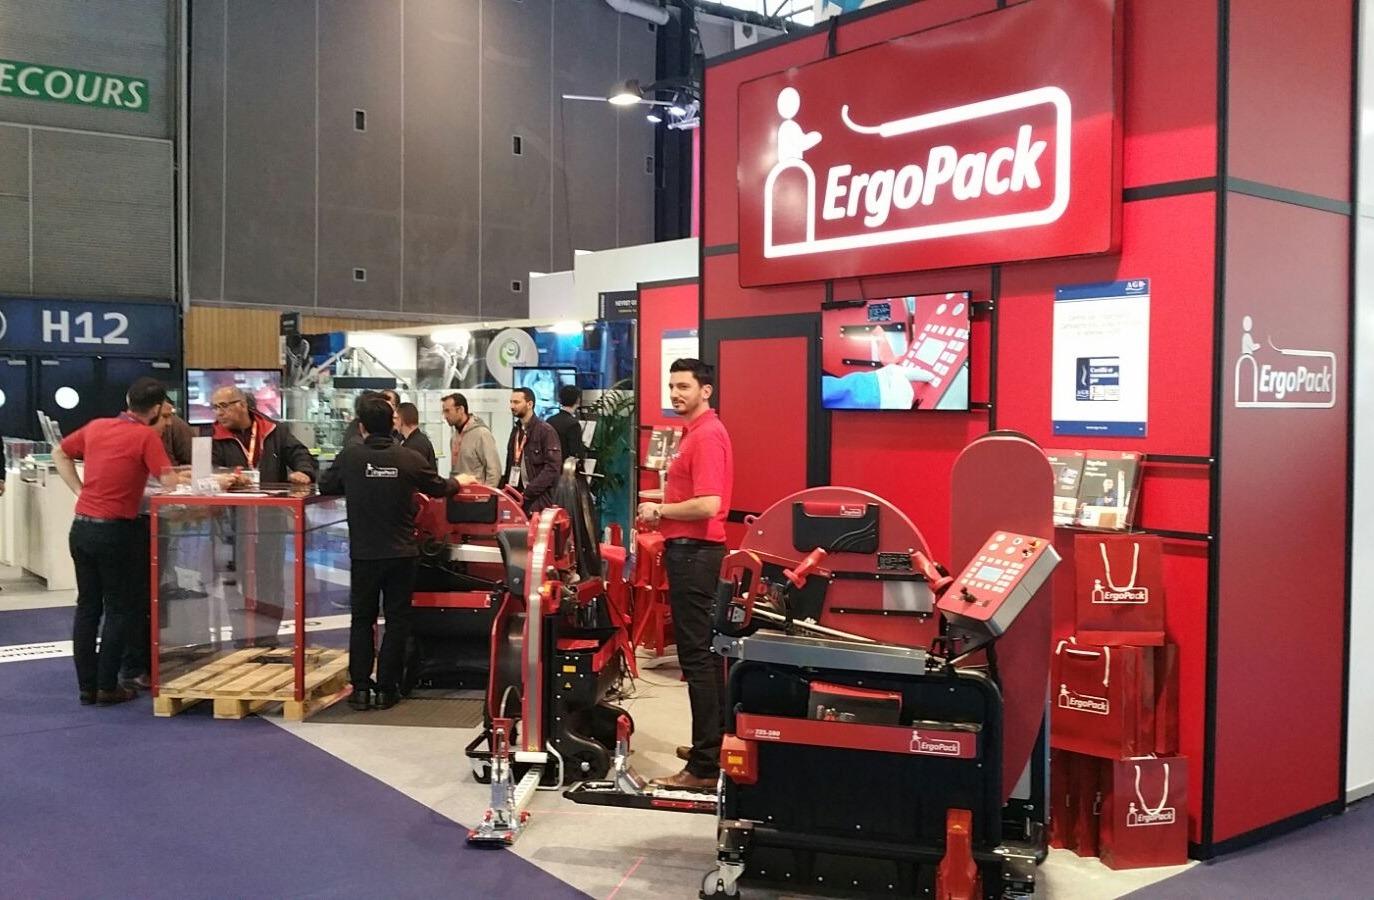 ErgoPack est présent au salon Industrie de Paris